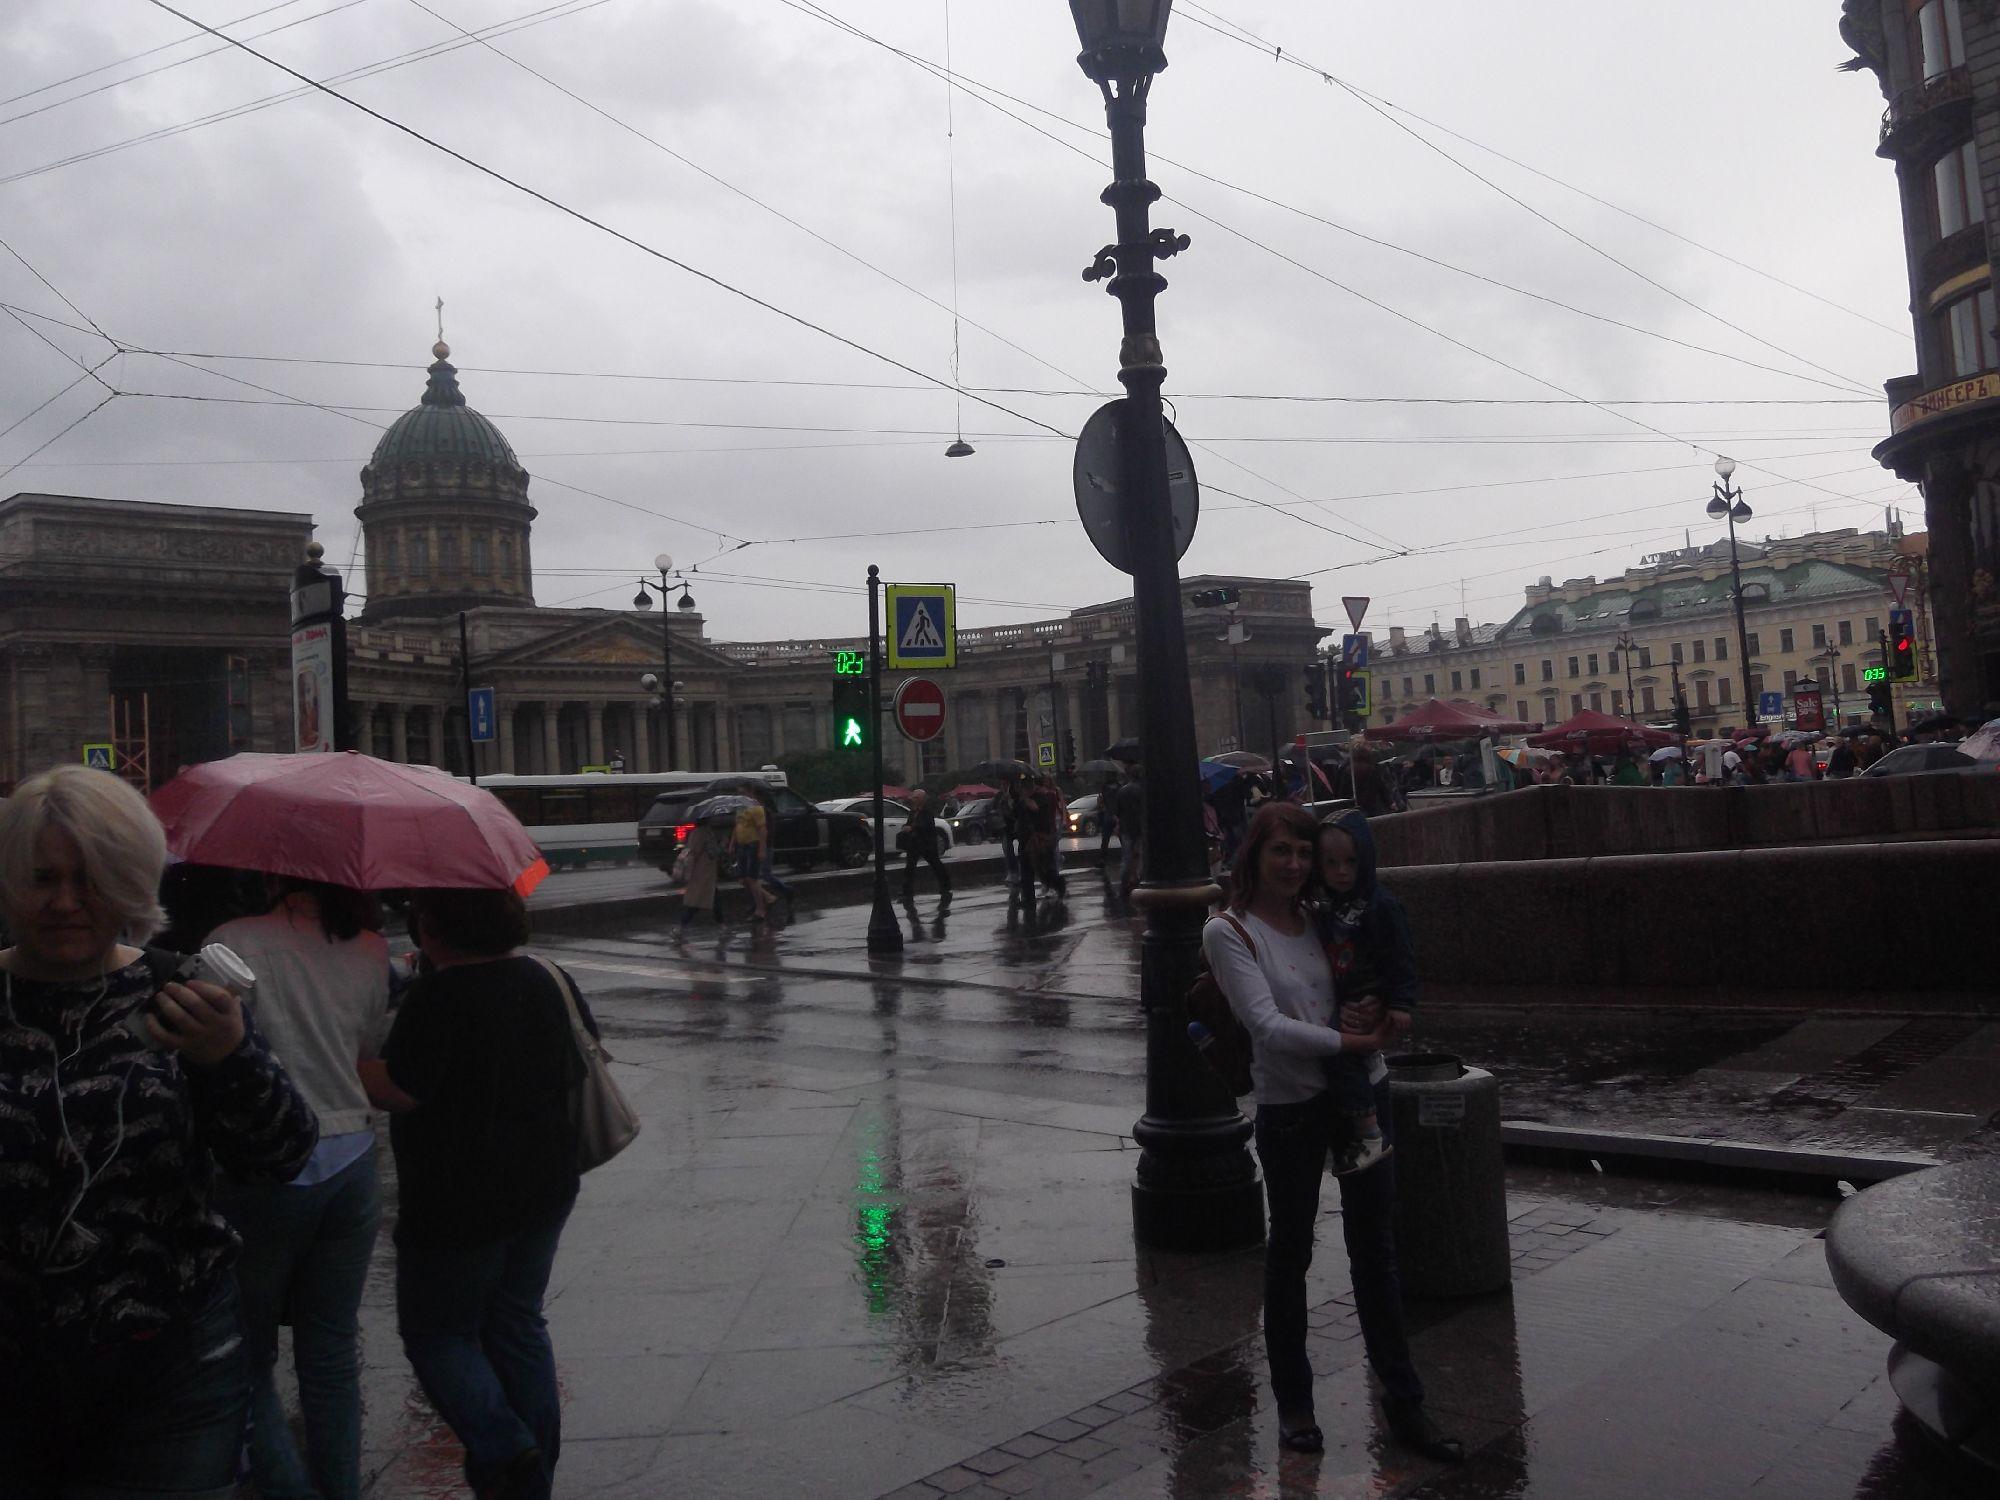 И снова дождь в Питере, но уже несколько лет спустя)